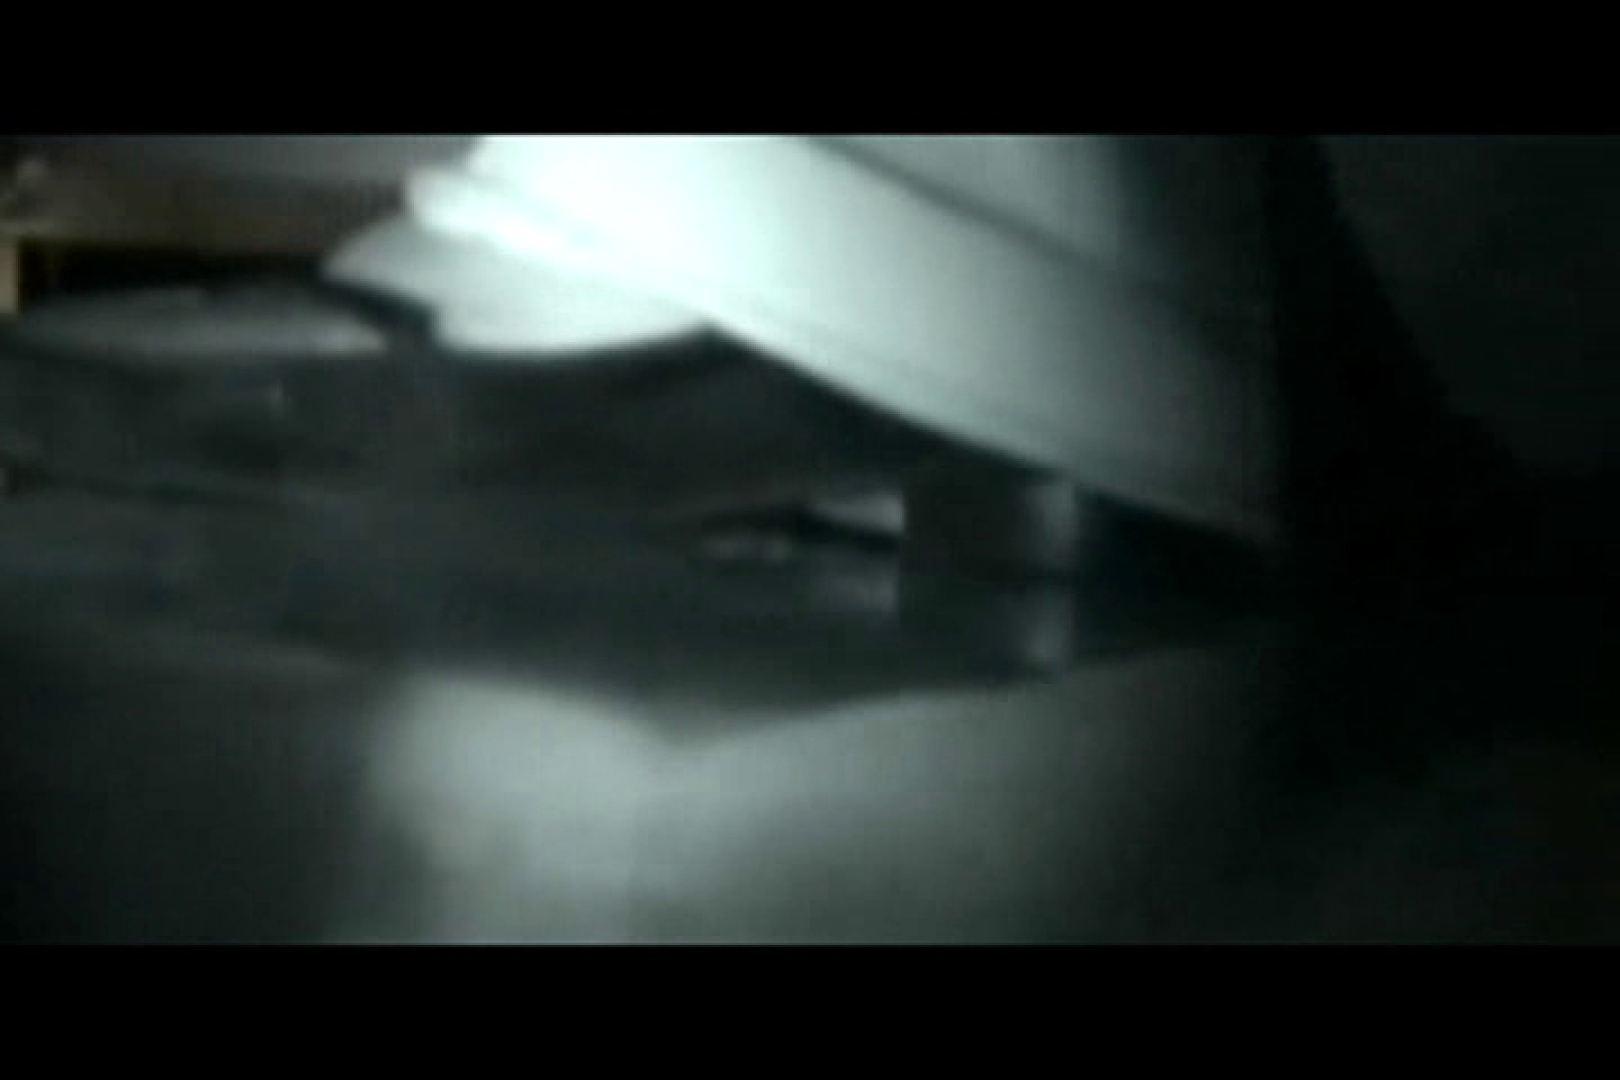 ぼっとん洗面所スペシャルVol.19 洗面所 | おまんこモロ出し  109pic 68